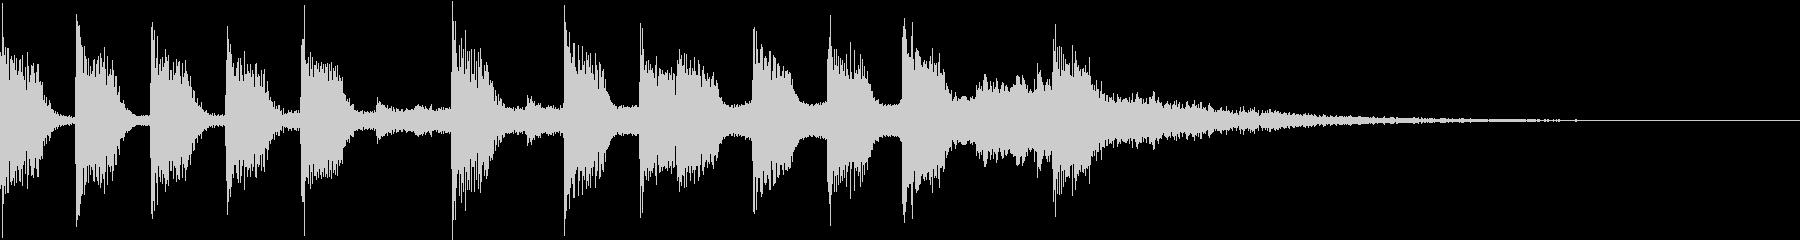 ピコピコでかわいいVtuberジングルの未再生の波形